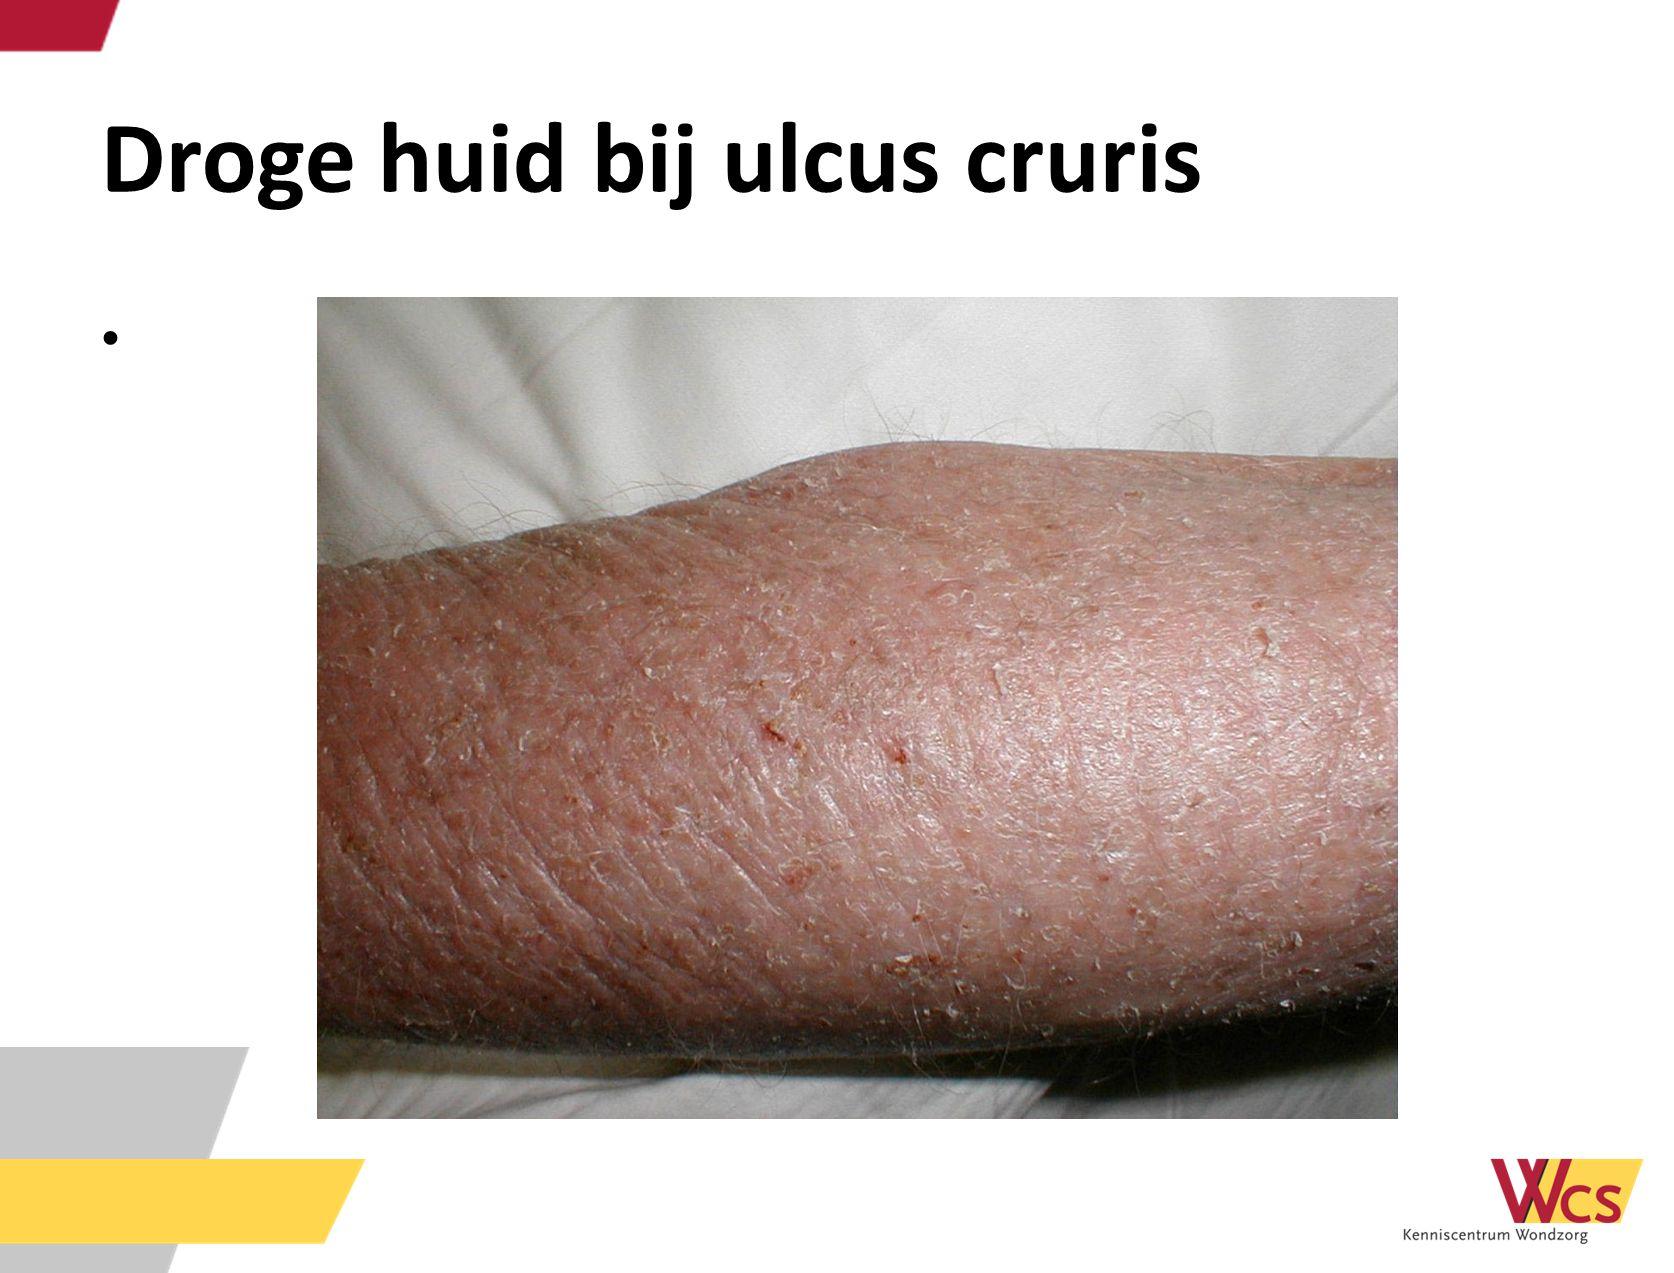 Droge huid bij ulcus cruris